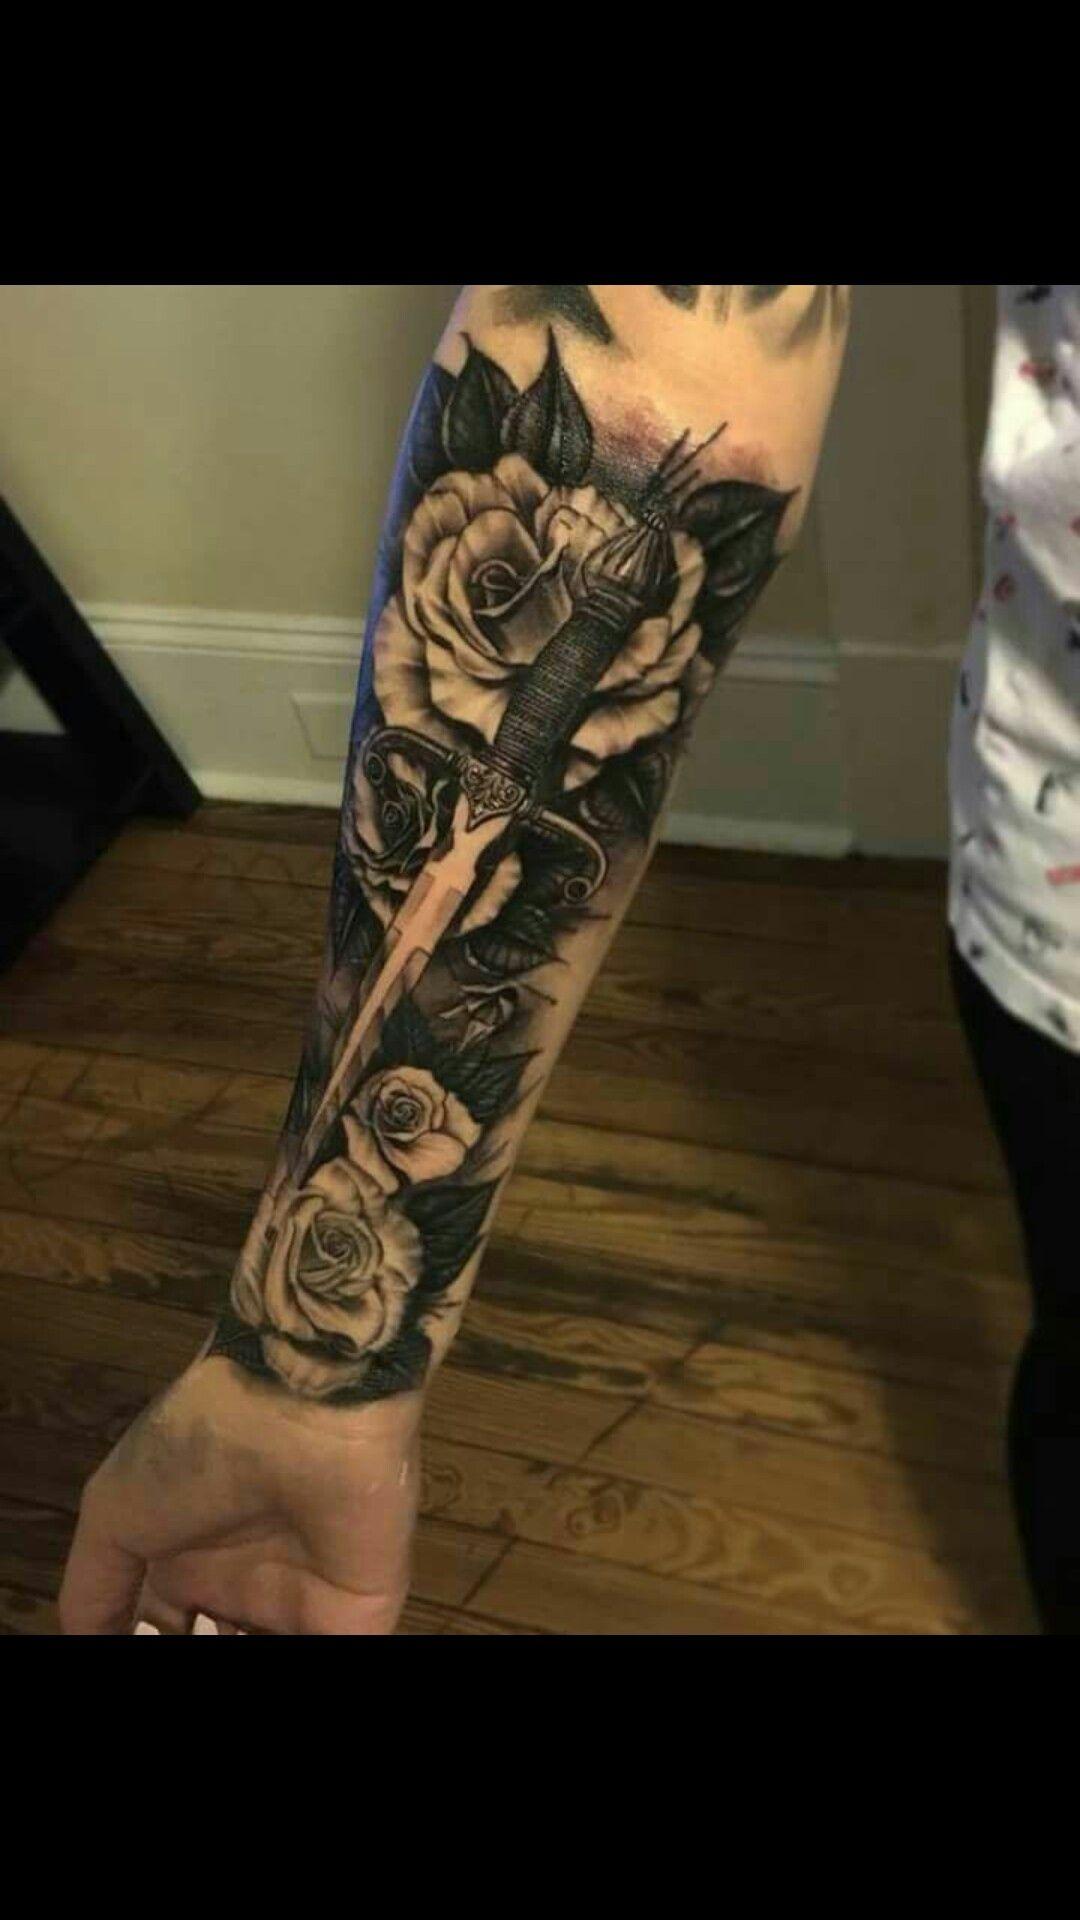 Tatuajes De Rosa Con Espachin Dagas Tattoo Tatuaje Daga Tatuaje De Cuchillo